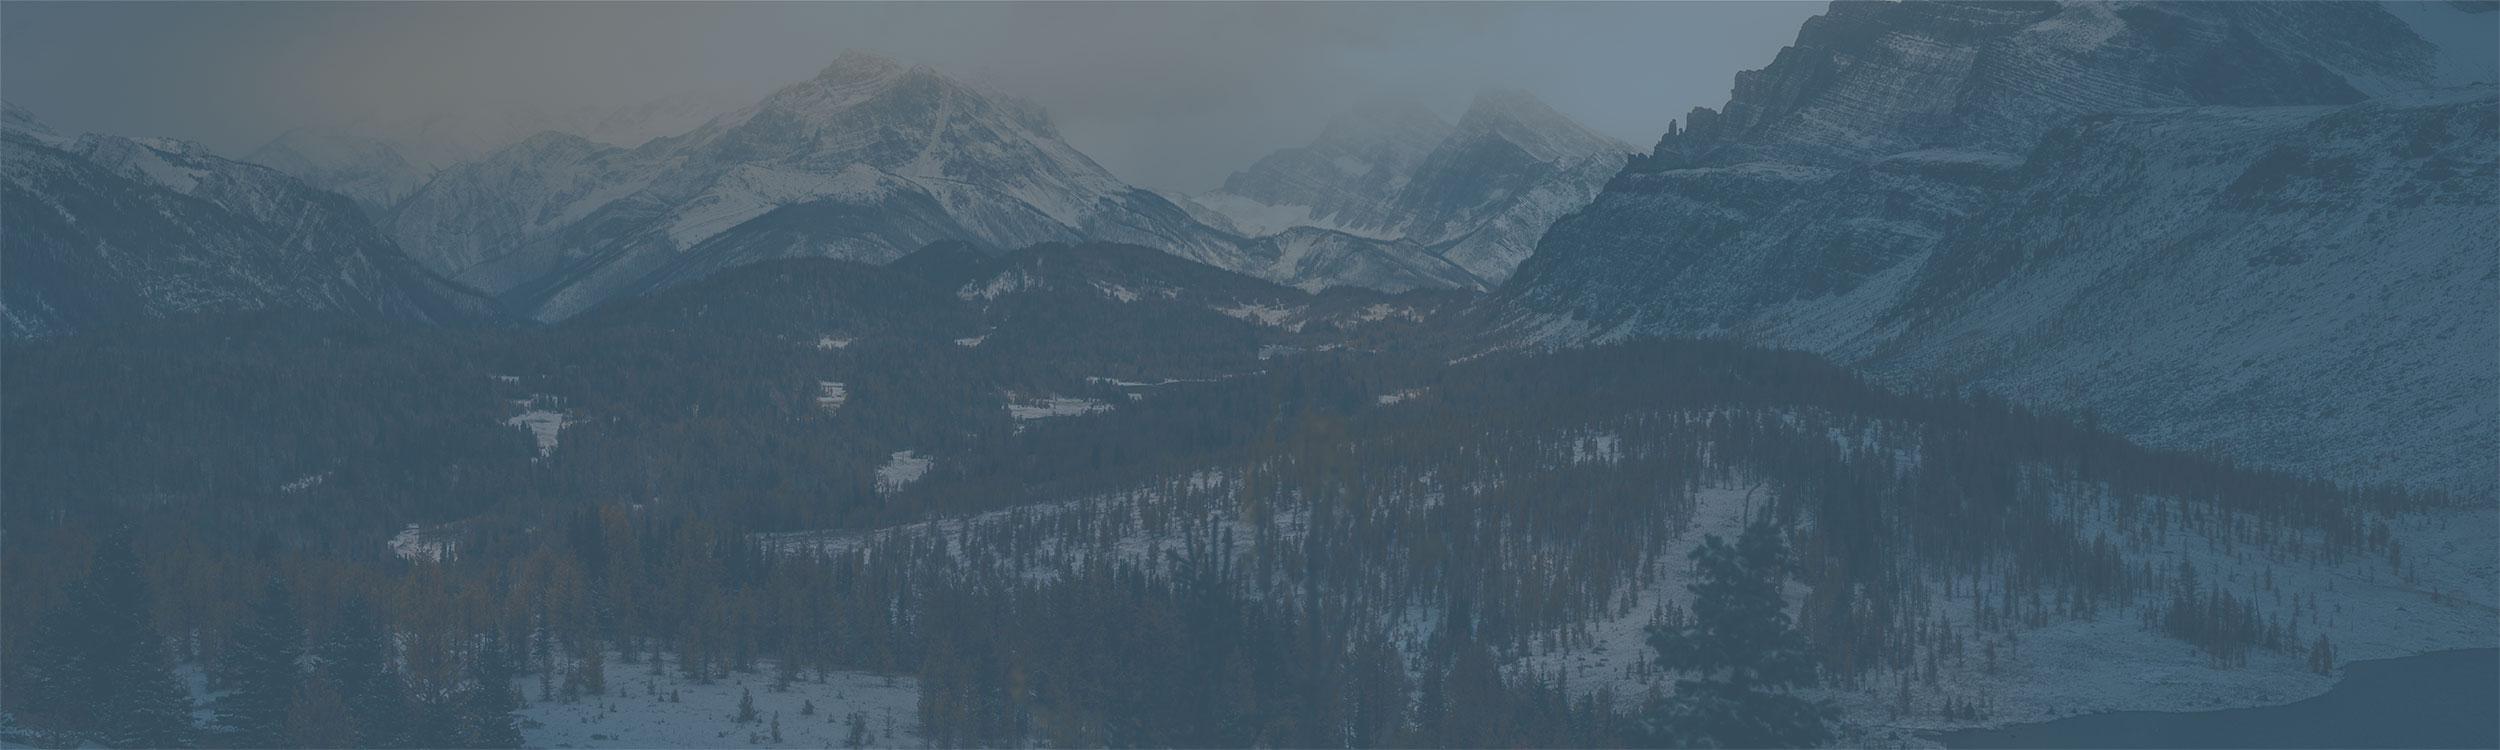 Riskalyze Mountains